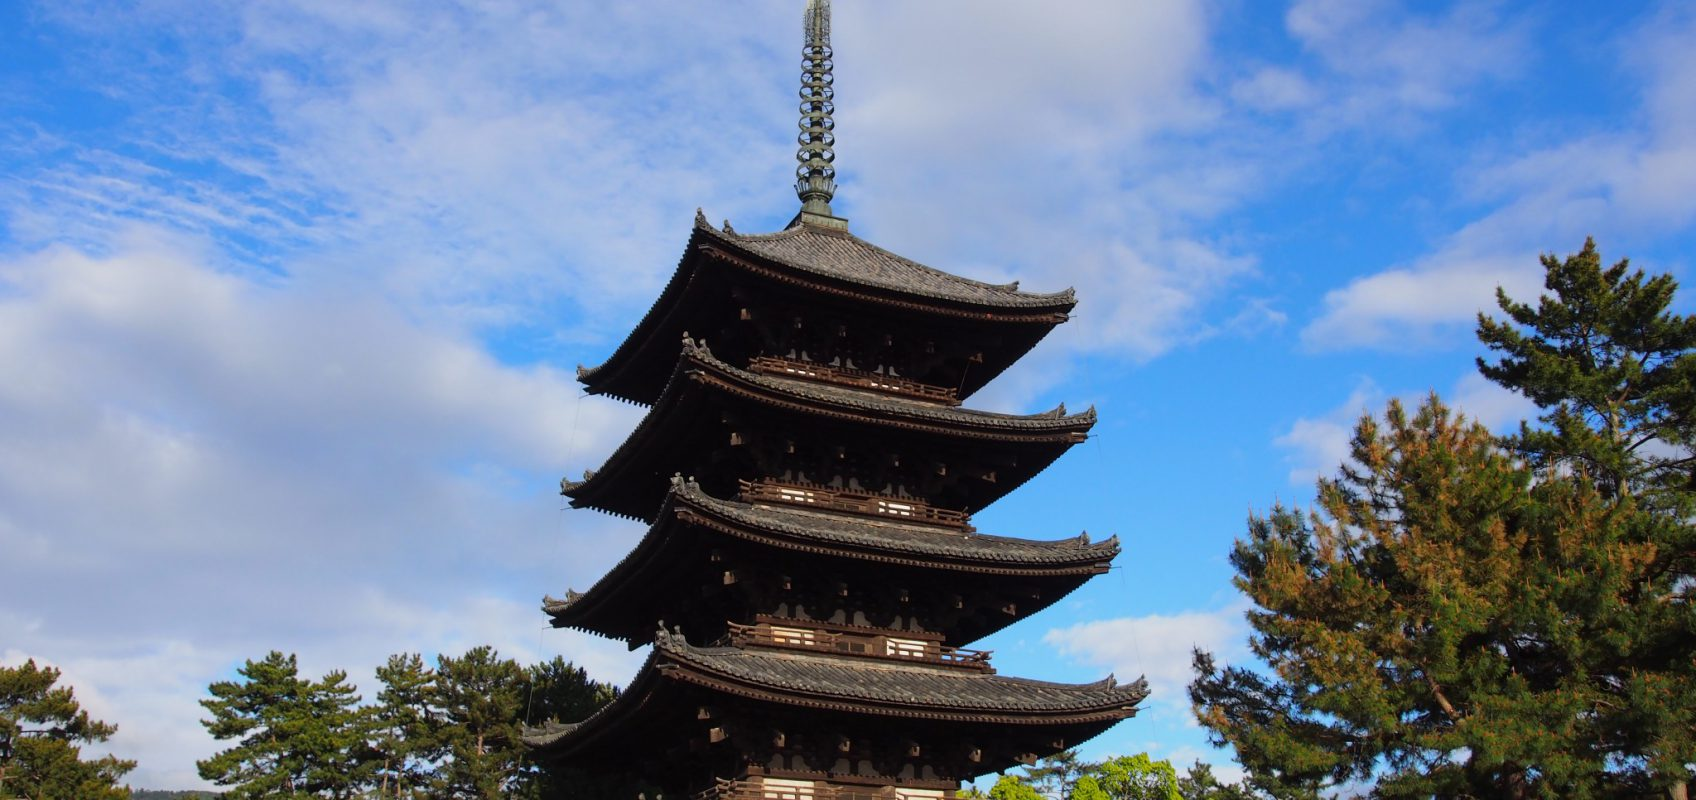 奈良観光の拠点「興福寺五重塔」